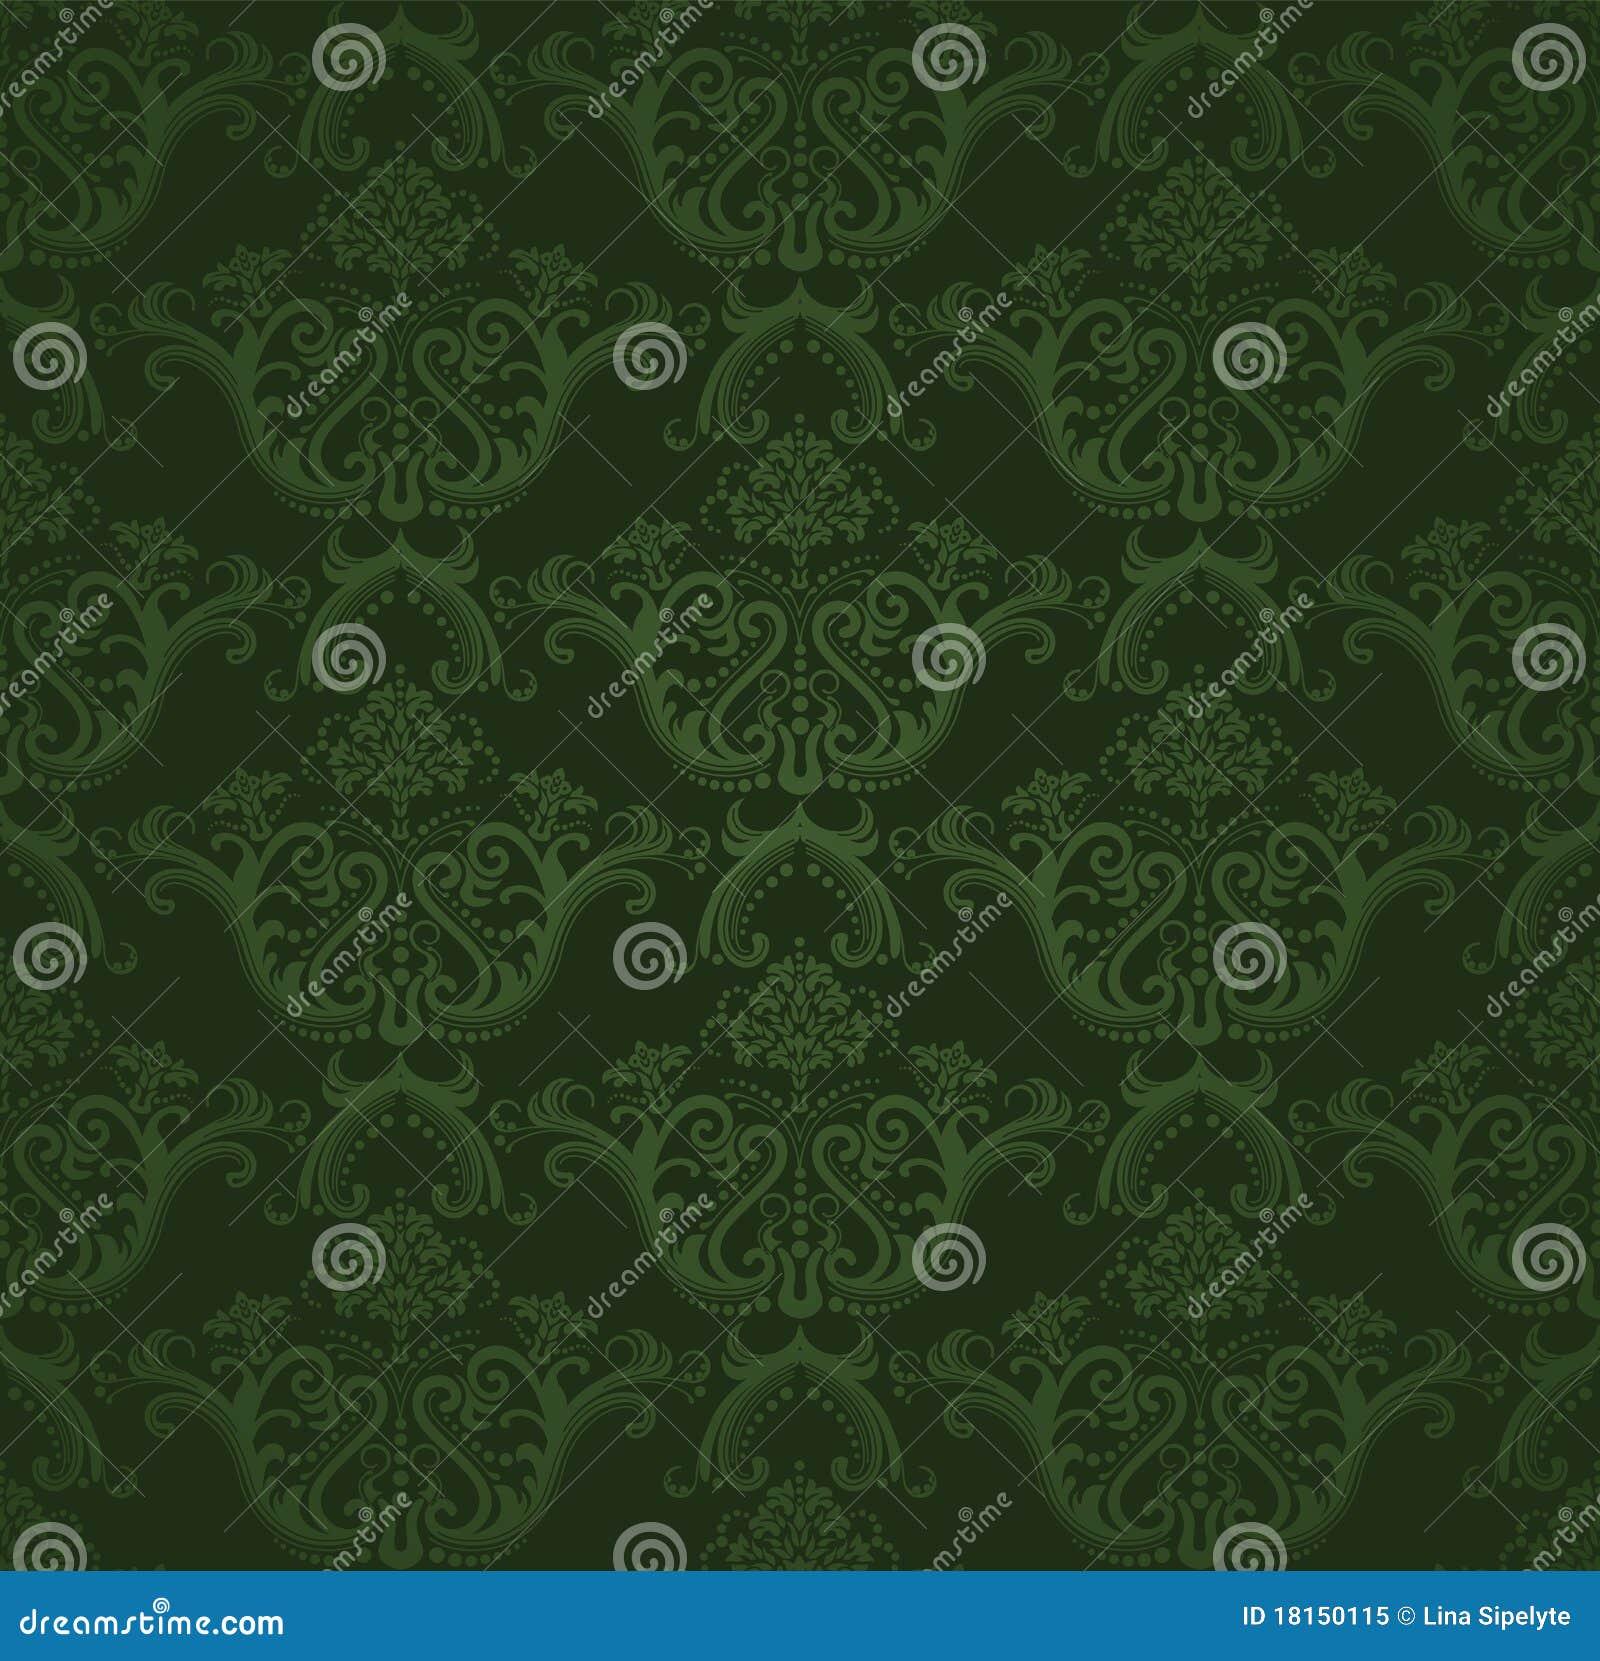 papier peint floral vert fonc sans joint photo libre de droits image 18150115. Black Bedroom Furniture Sets. Home Design Ideas